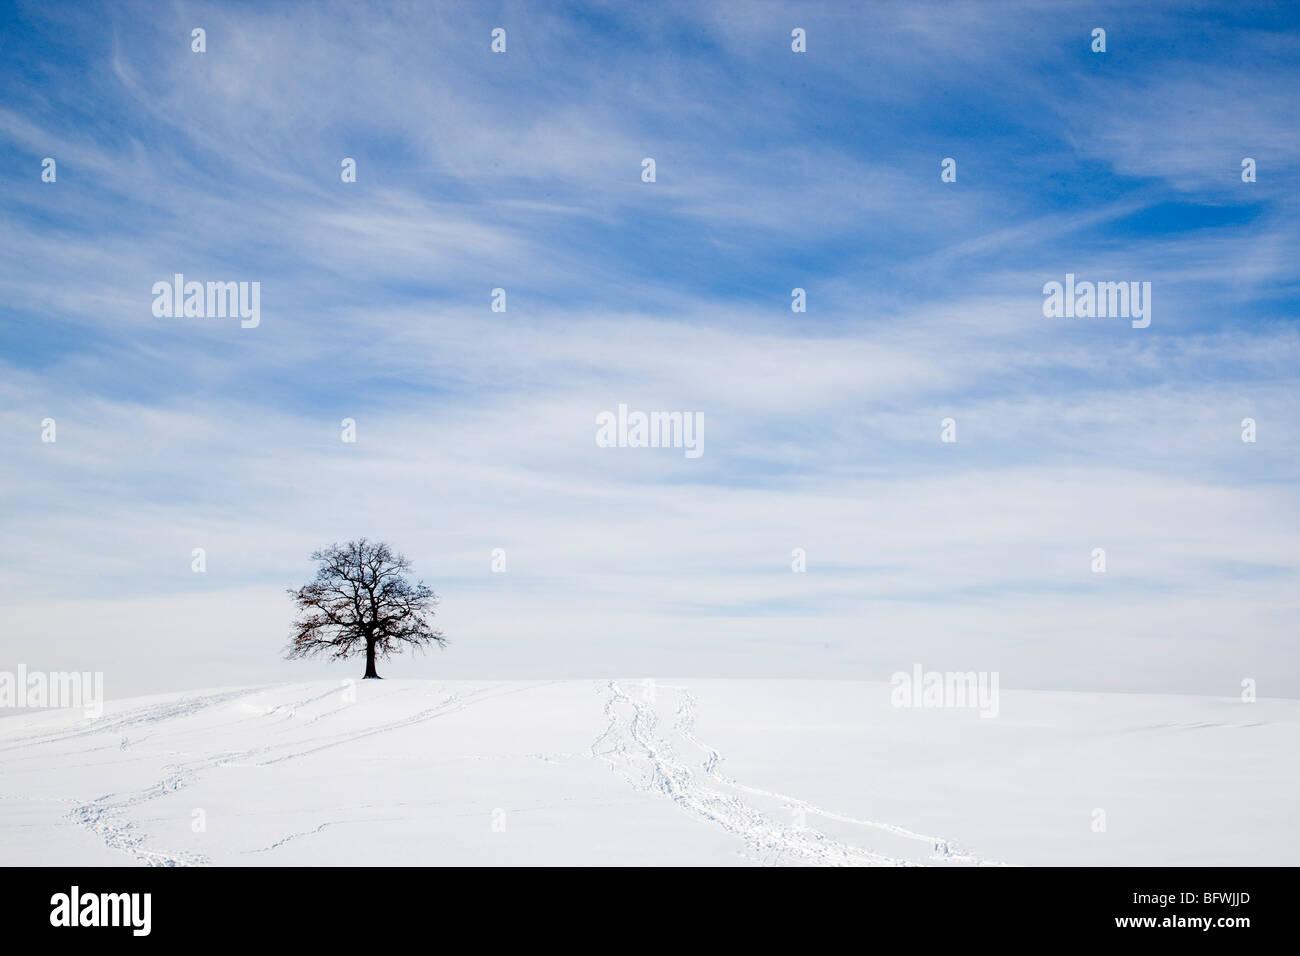 oak tree on snowy hill in winter - Stock Image